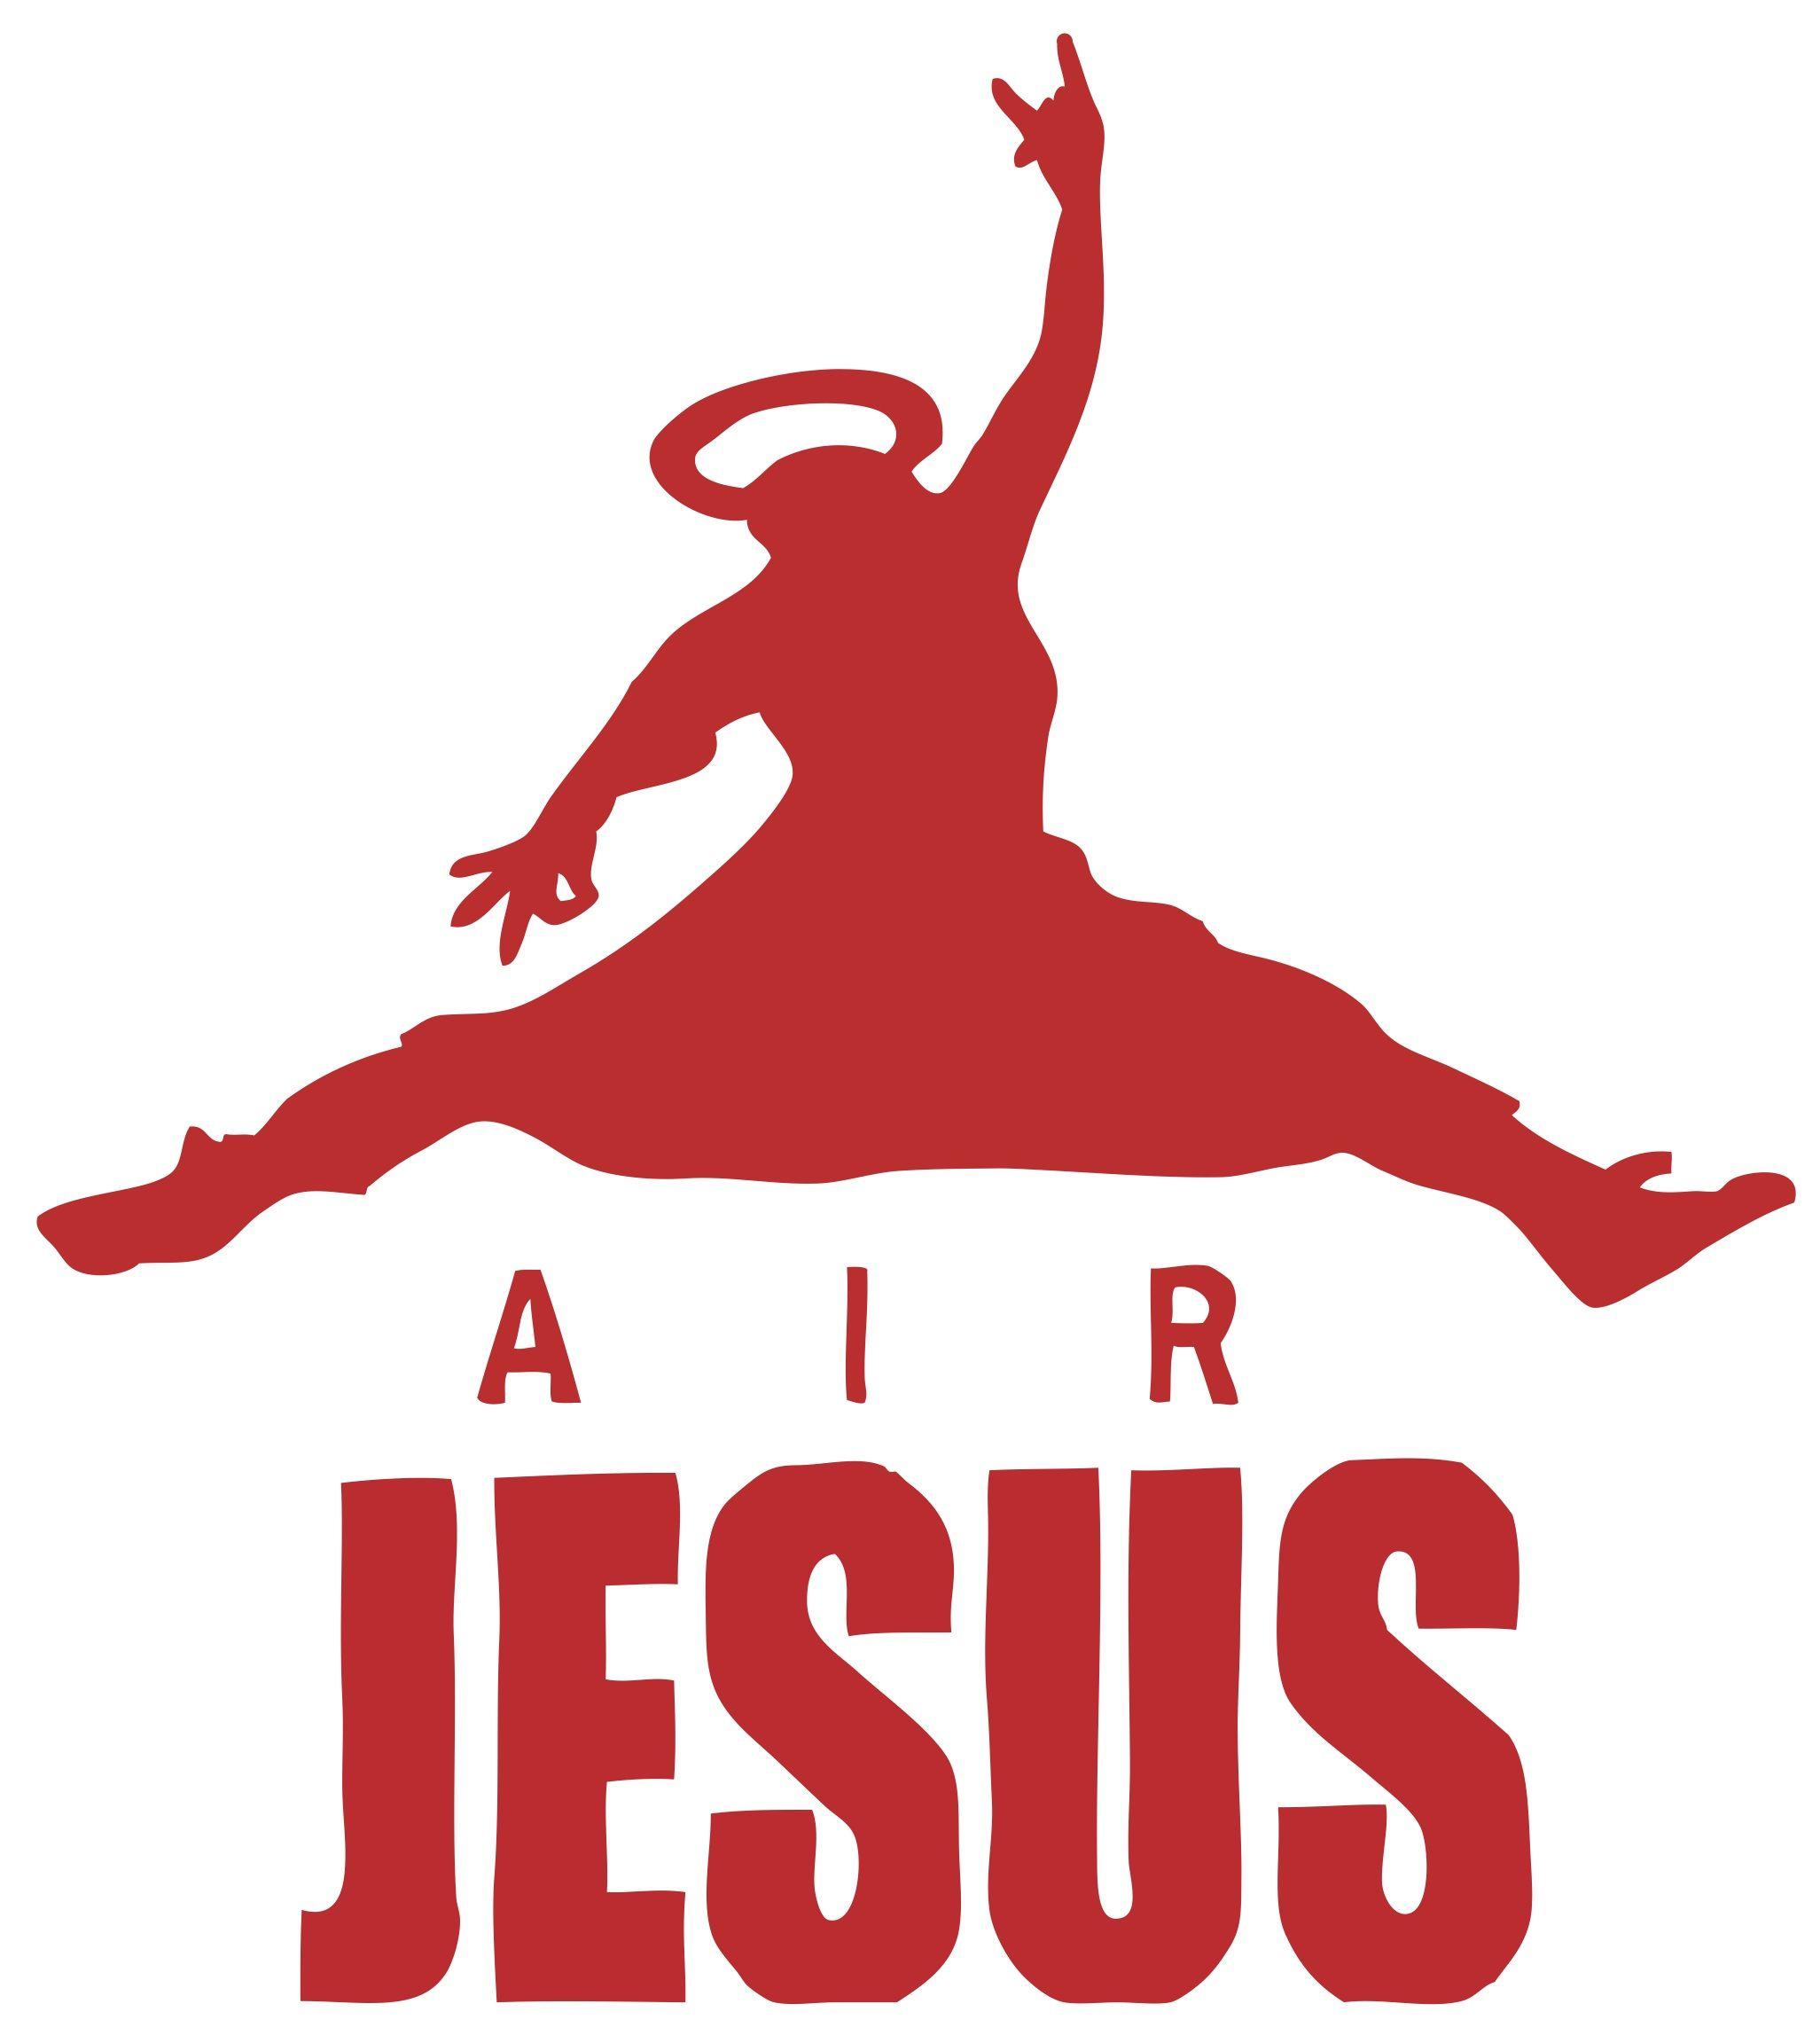 Jesus Logos in 2020 Graphic design logo, Cute quotes